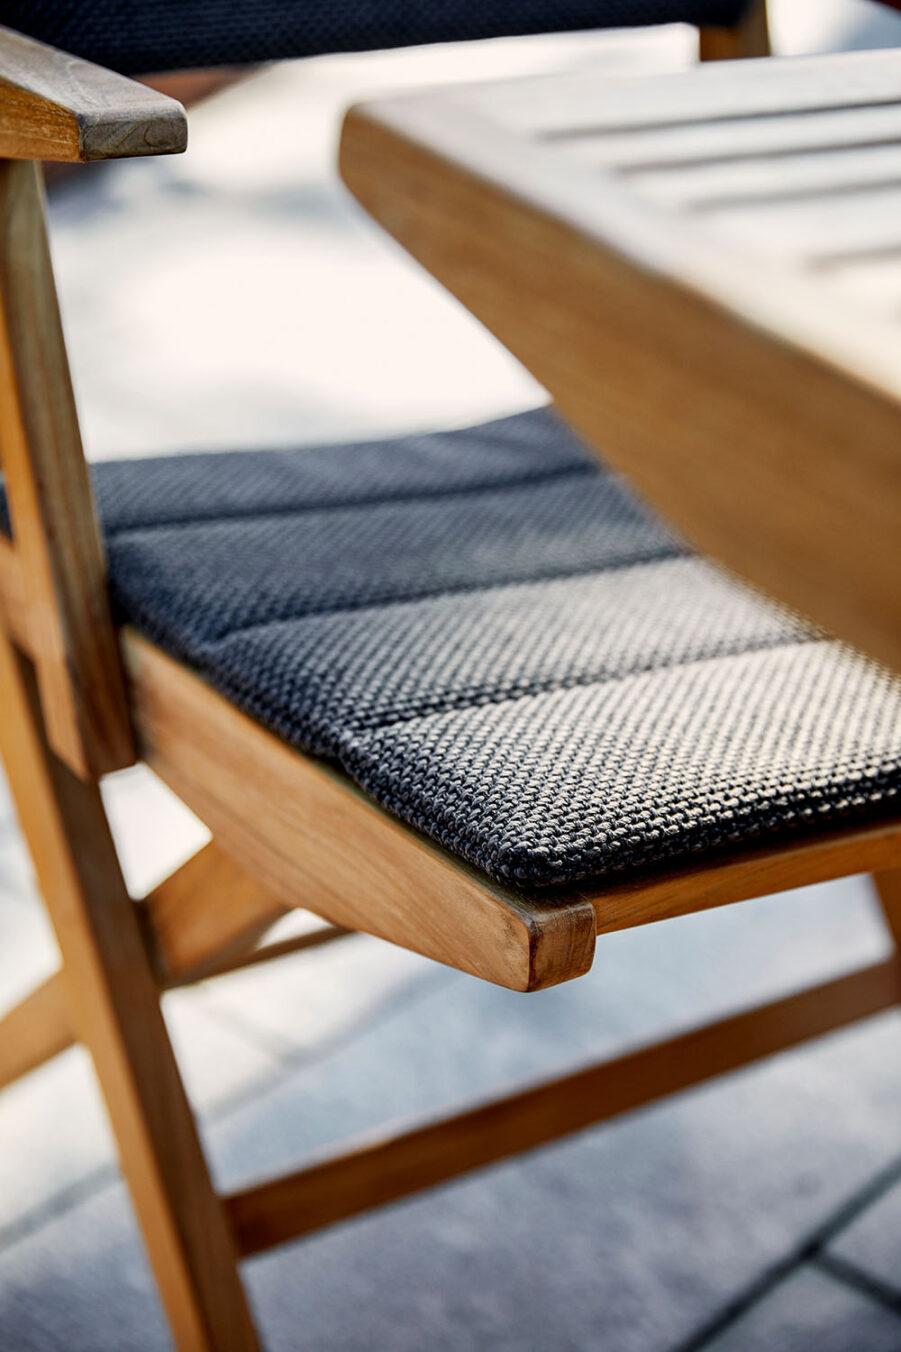 Närbild på Flip karmstol med dyna.